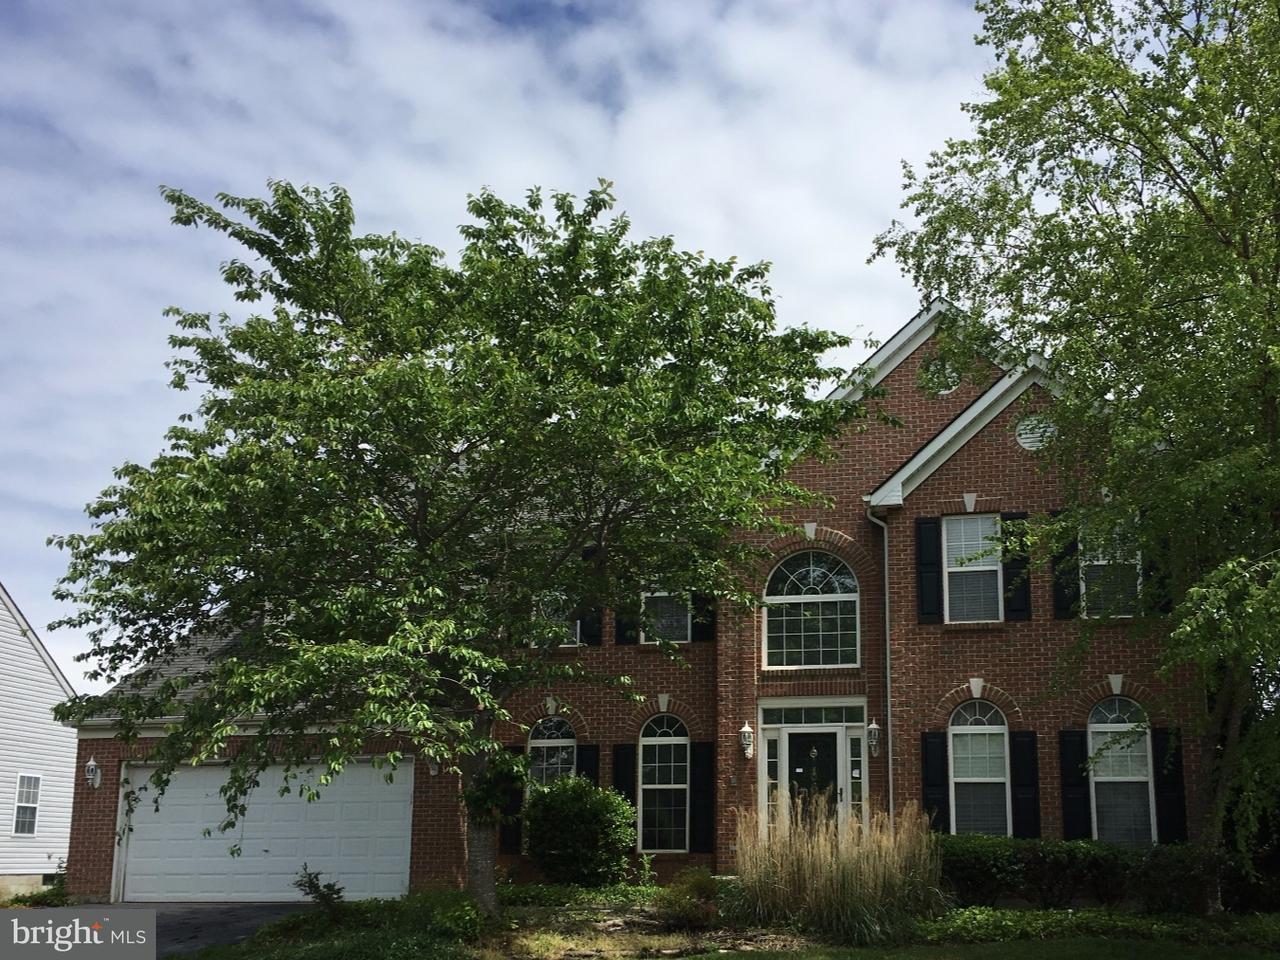 Μονοκατοικία για την Πώληση στο 106 BETSY RAWLS Drive Middletown, Ντελαγουερ 19709 Ηνωμενεσ Πολιτειεσ